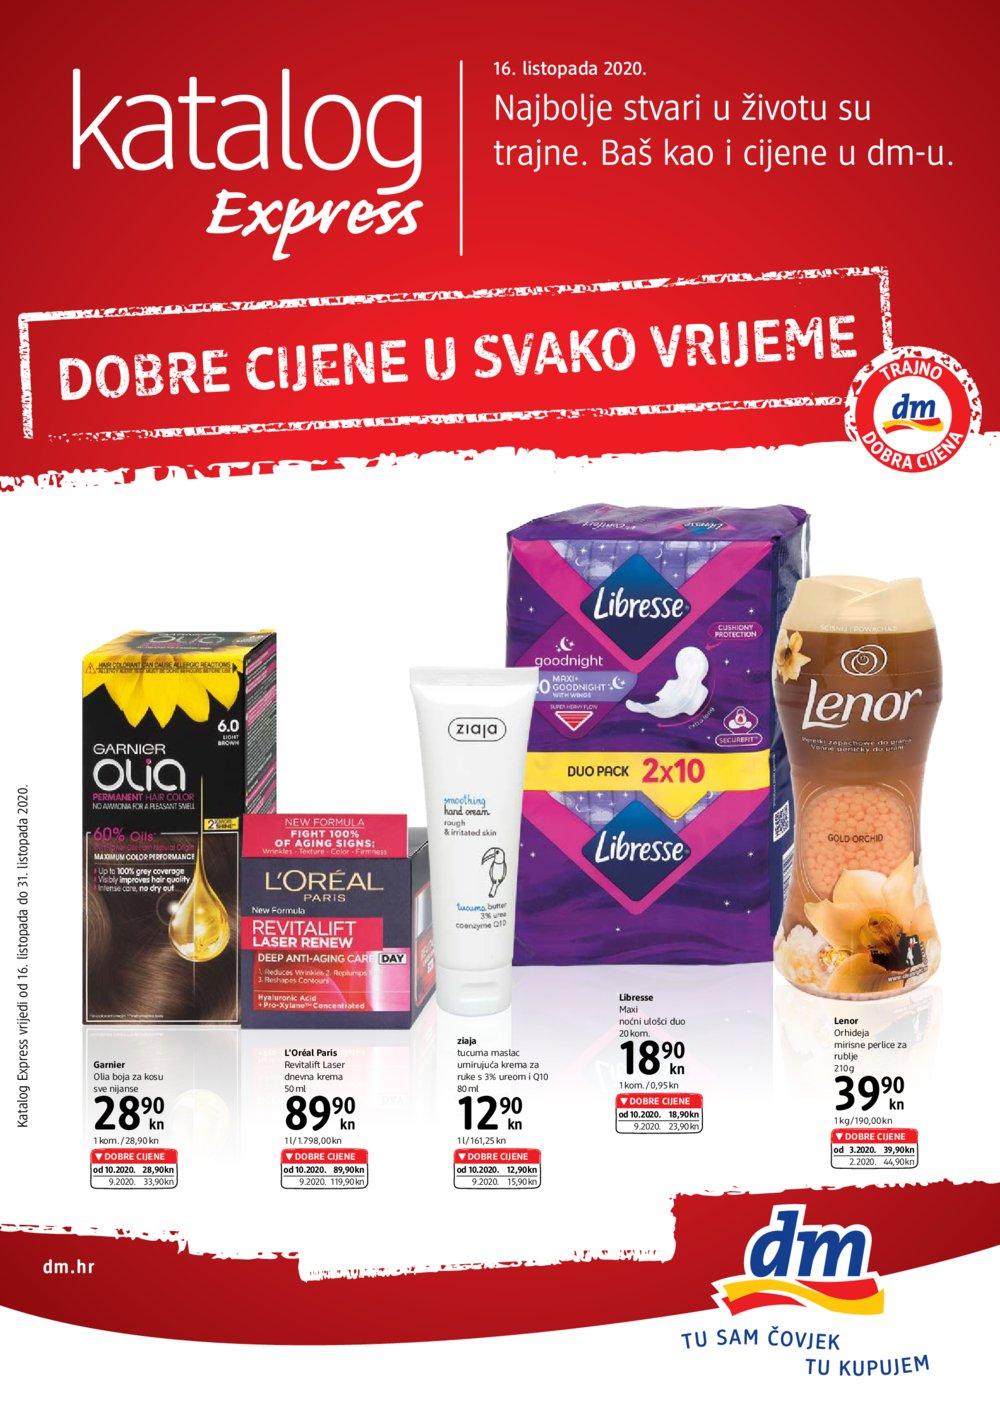 Dm katalog Express 16.10. do 31.10.2020.